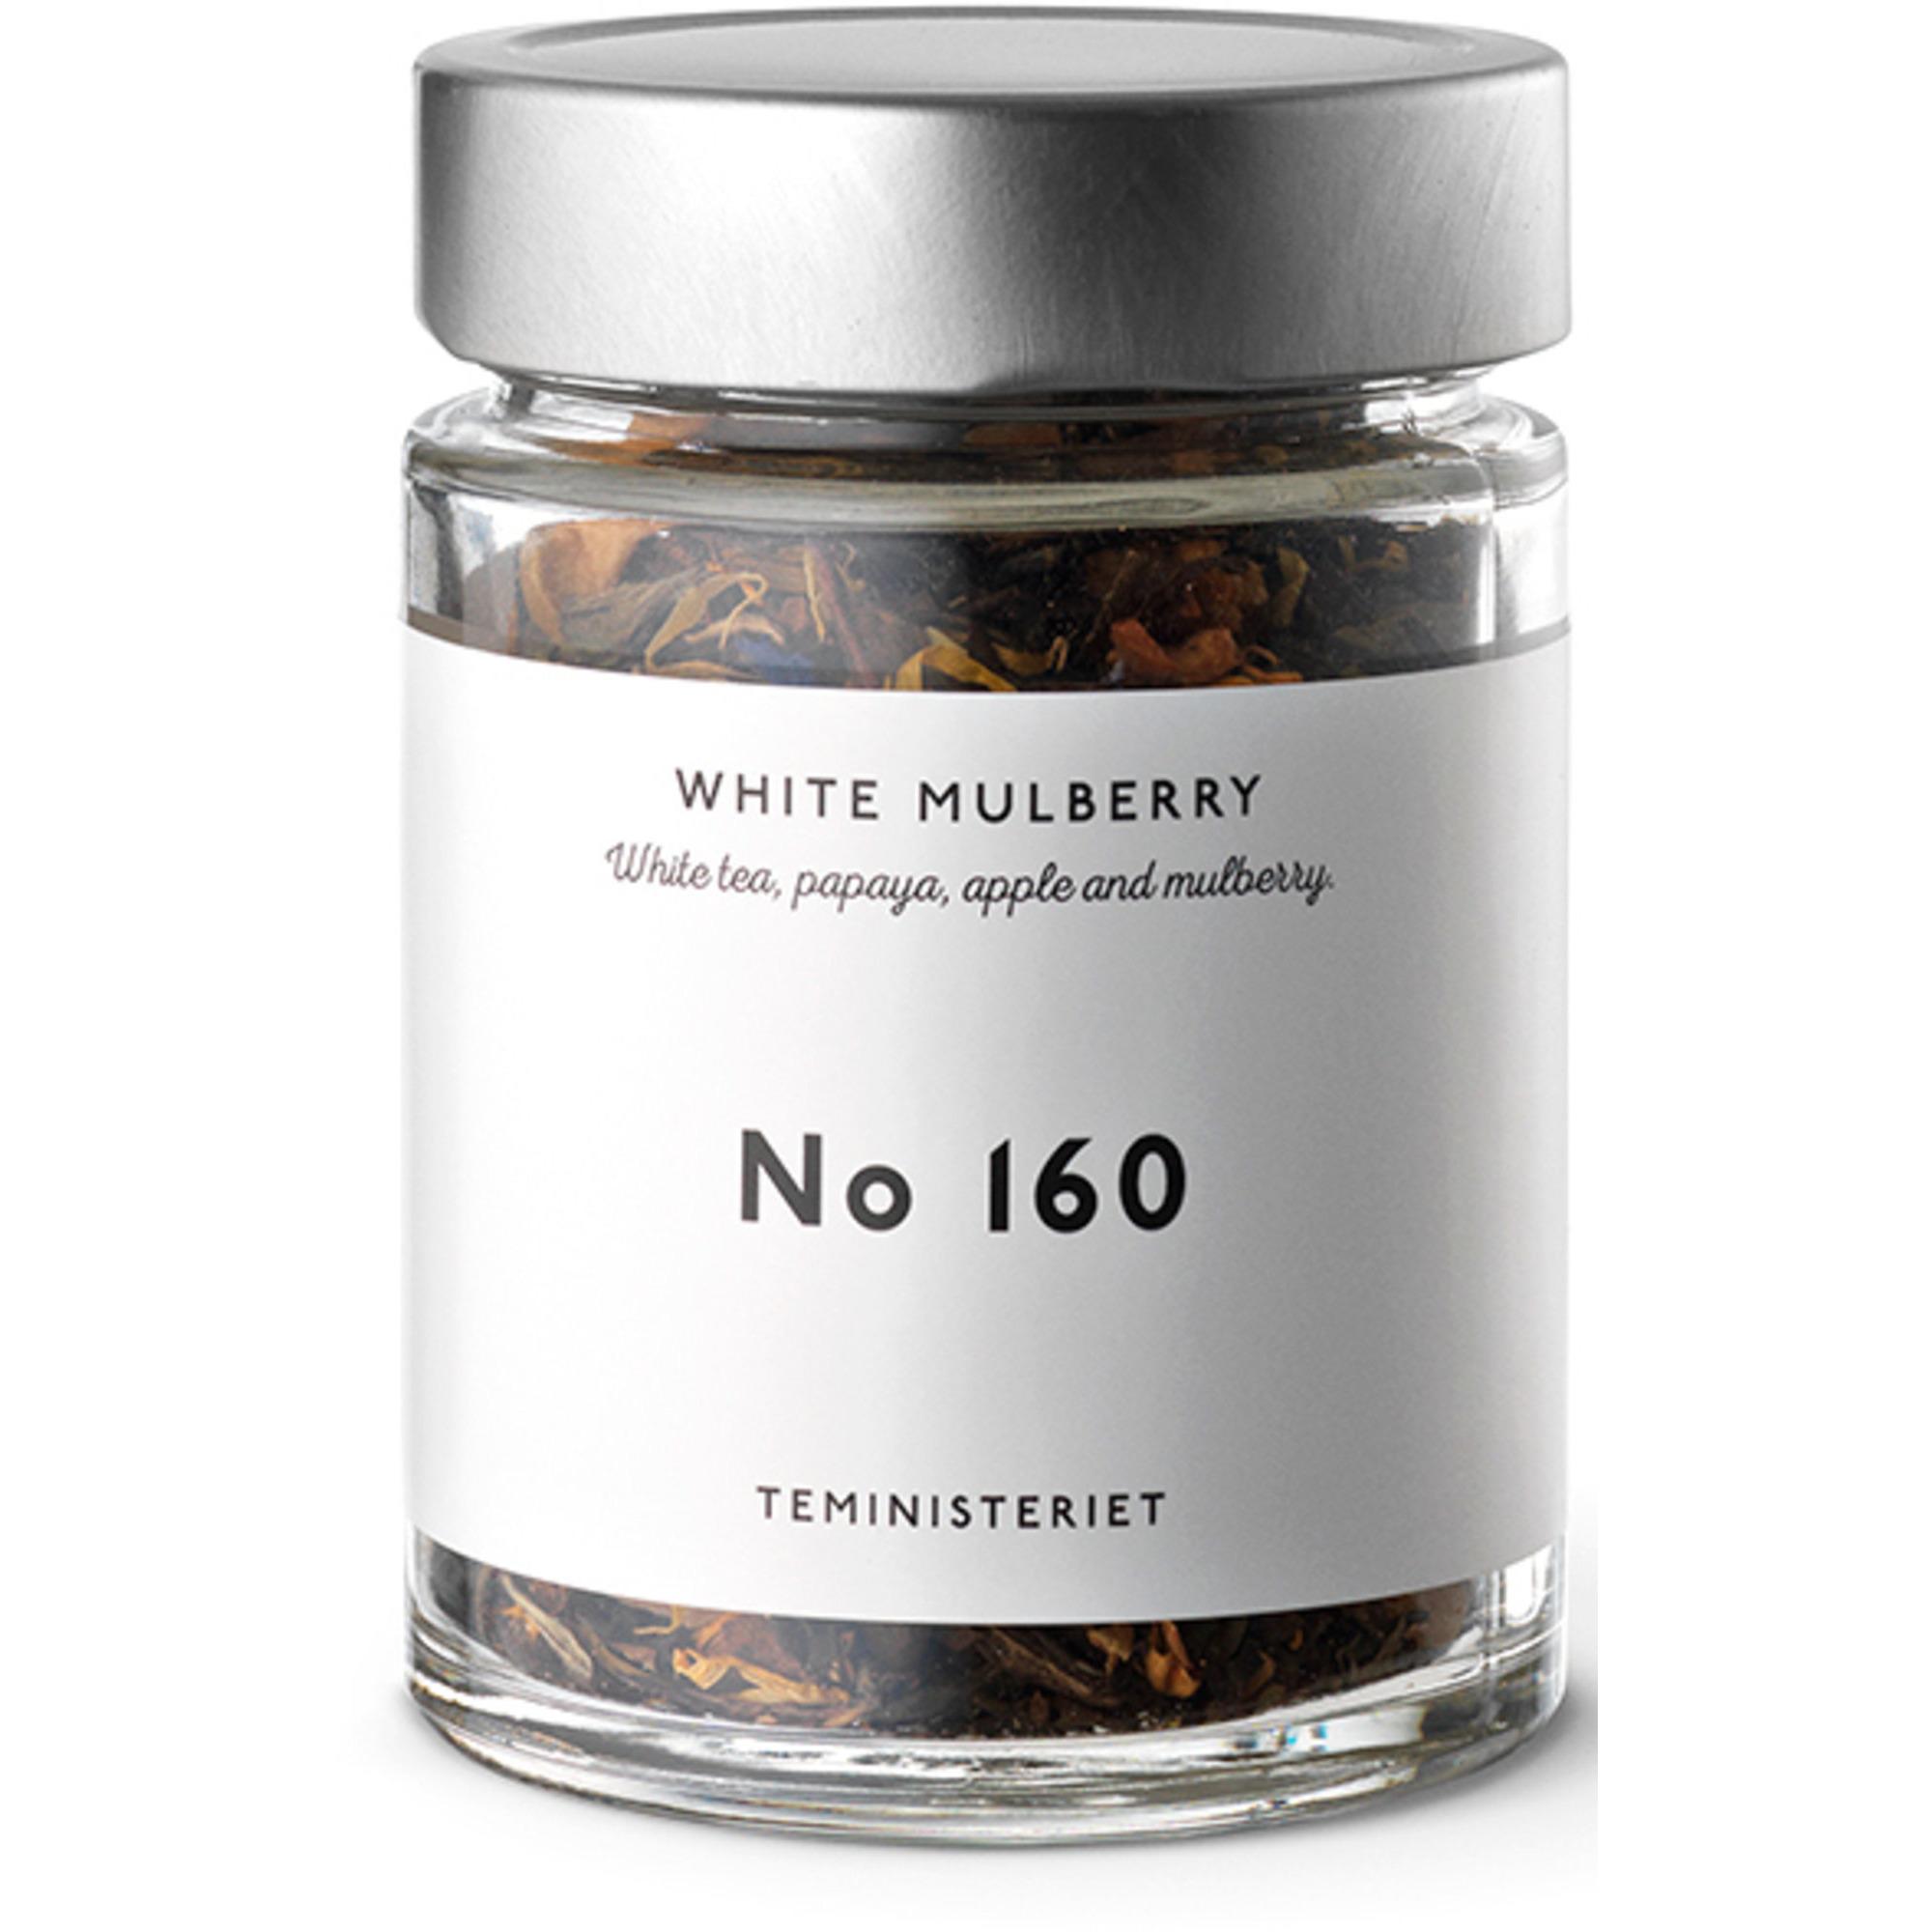 Teministeriet No. 160 White Mulberry te